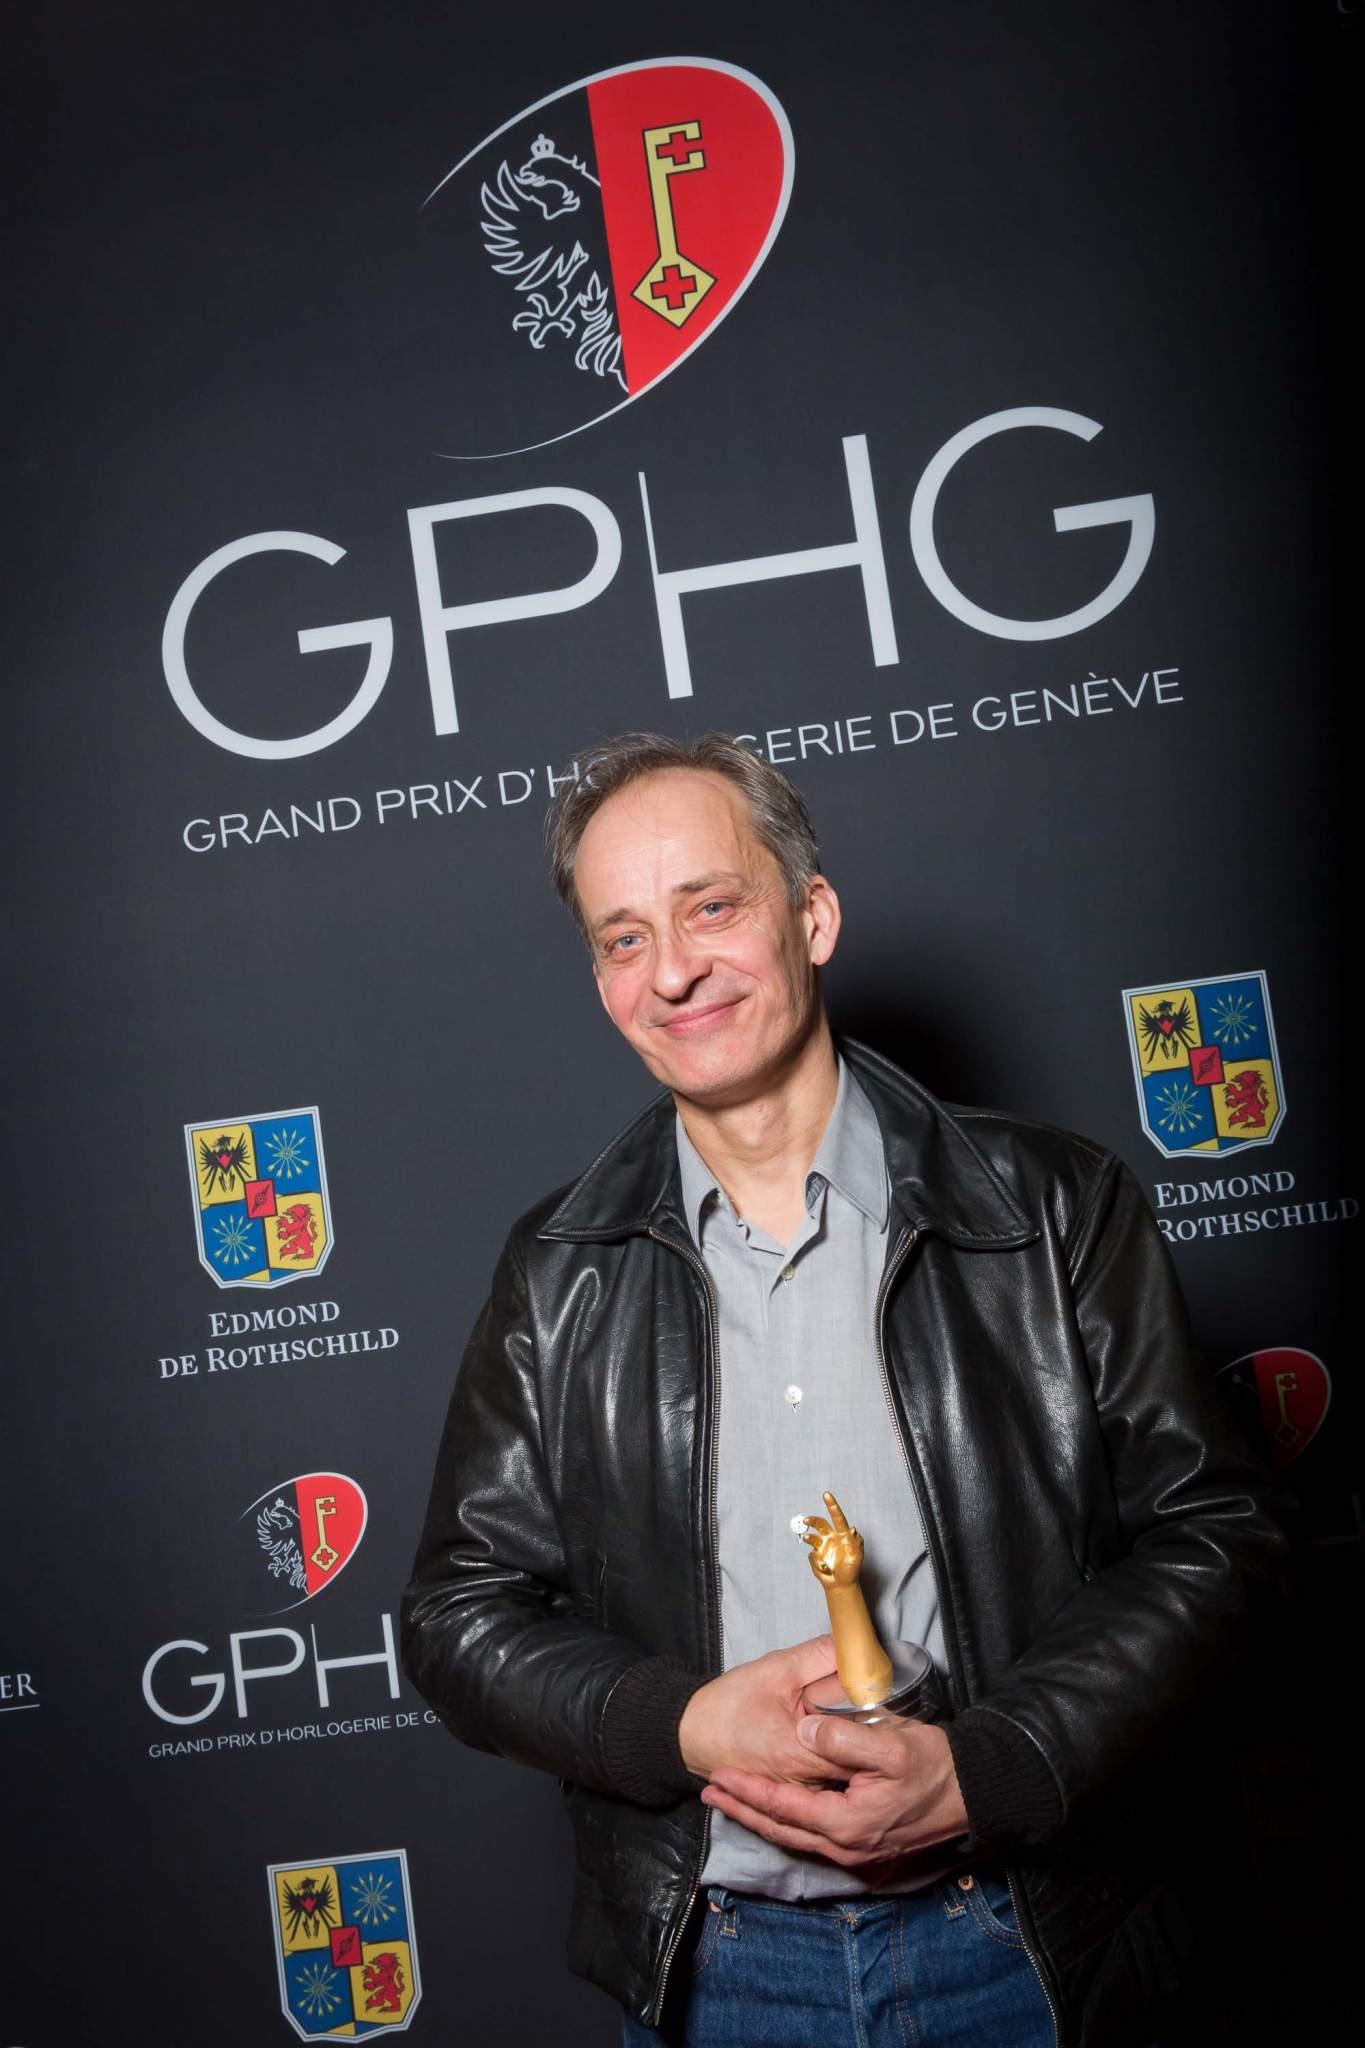 Vianney Halter, founder of Vianney Halter, winner of Innovation Prize 2013